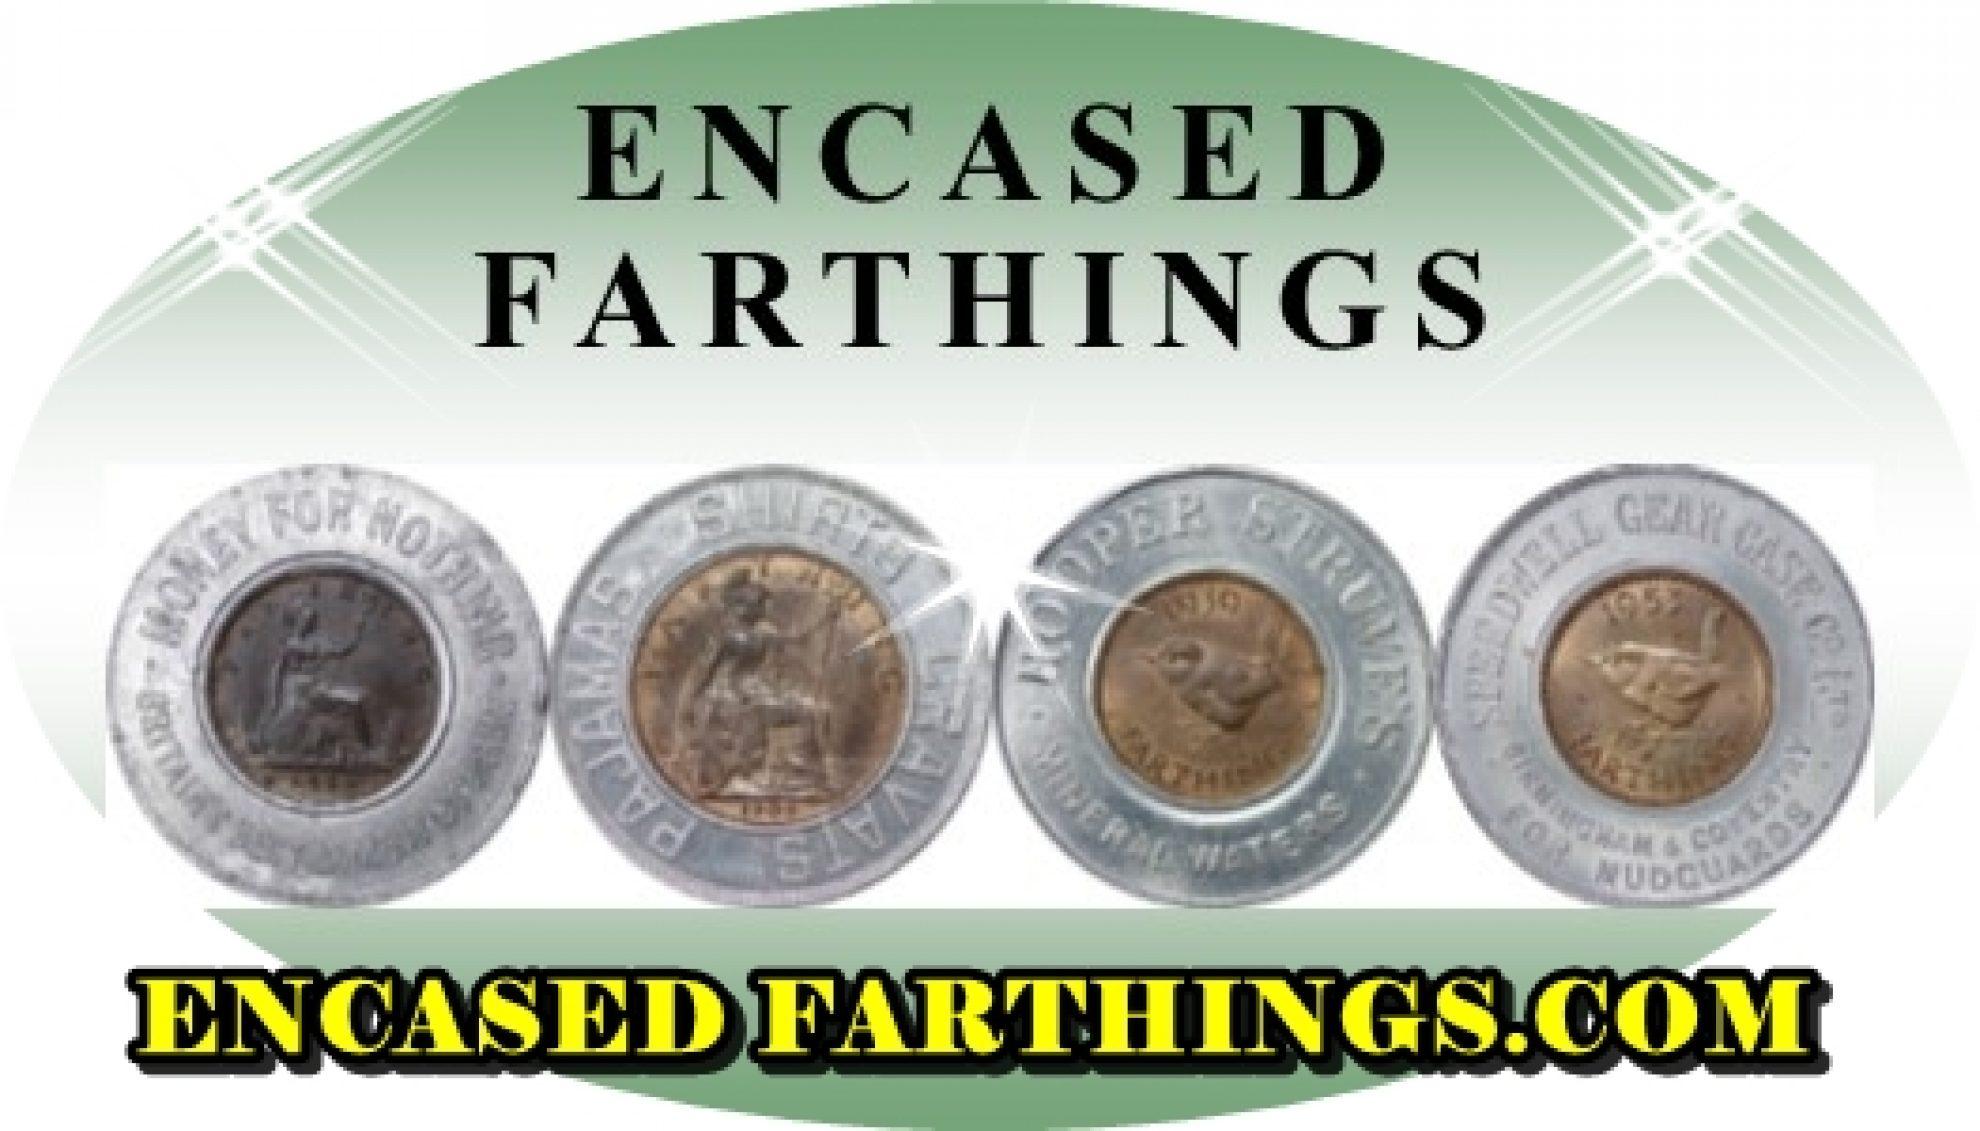 cropped-encased-farthings-logo-jpg-4-1.jpg